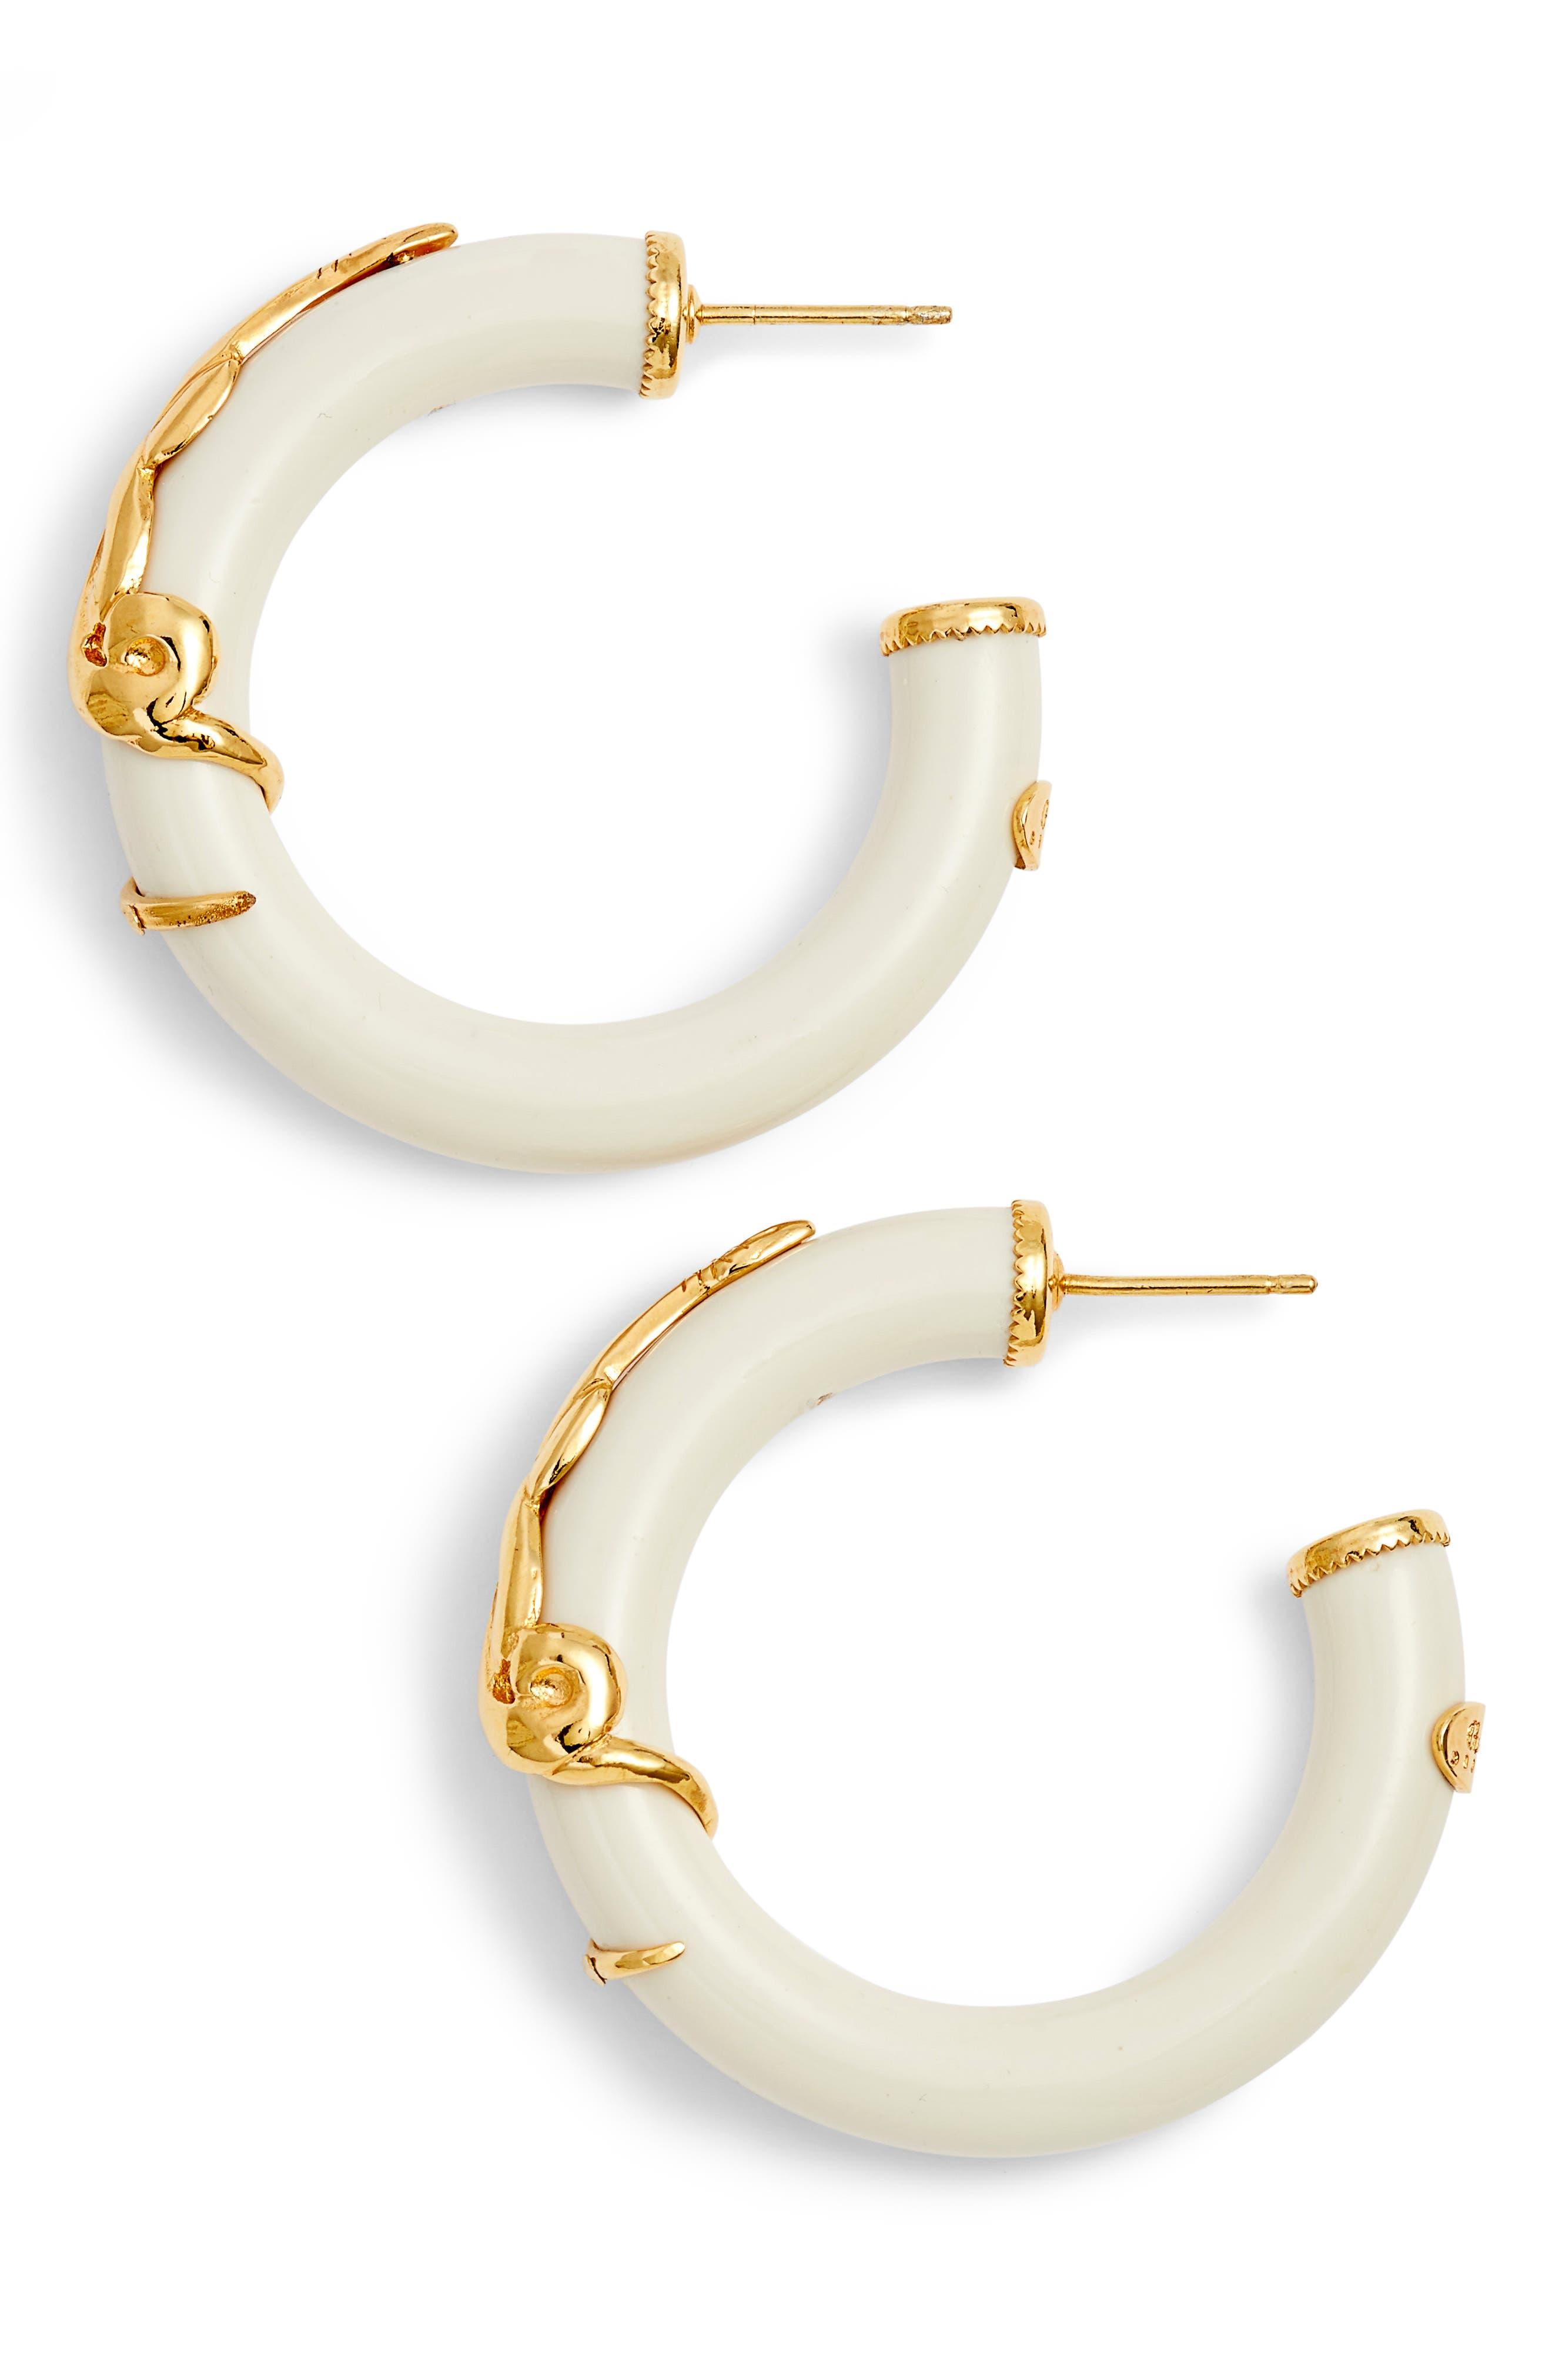 Cobra Hoop Earrings,                         Main,                         color, White/ Gold